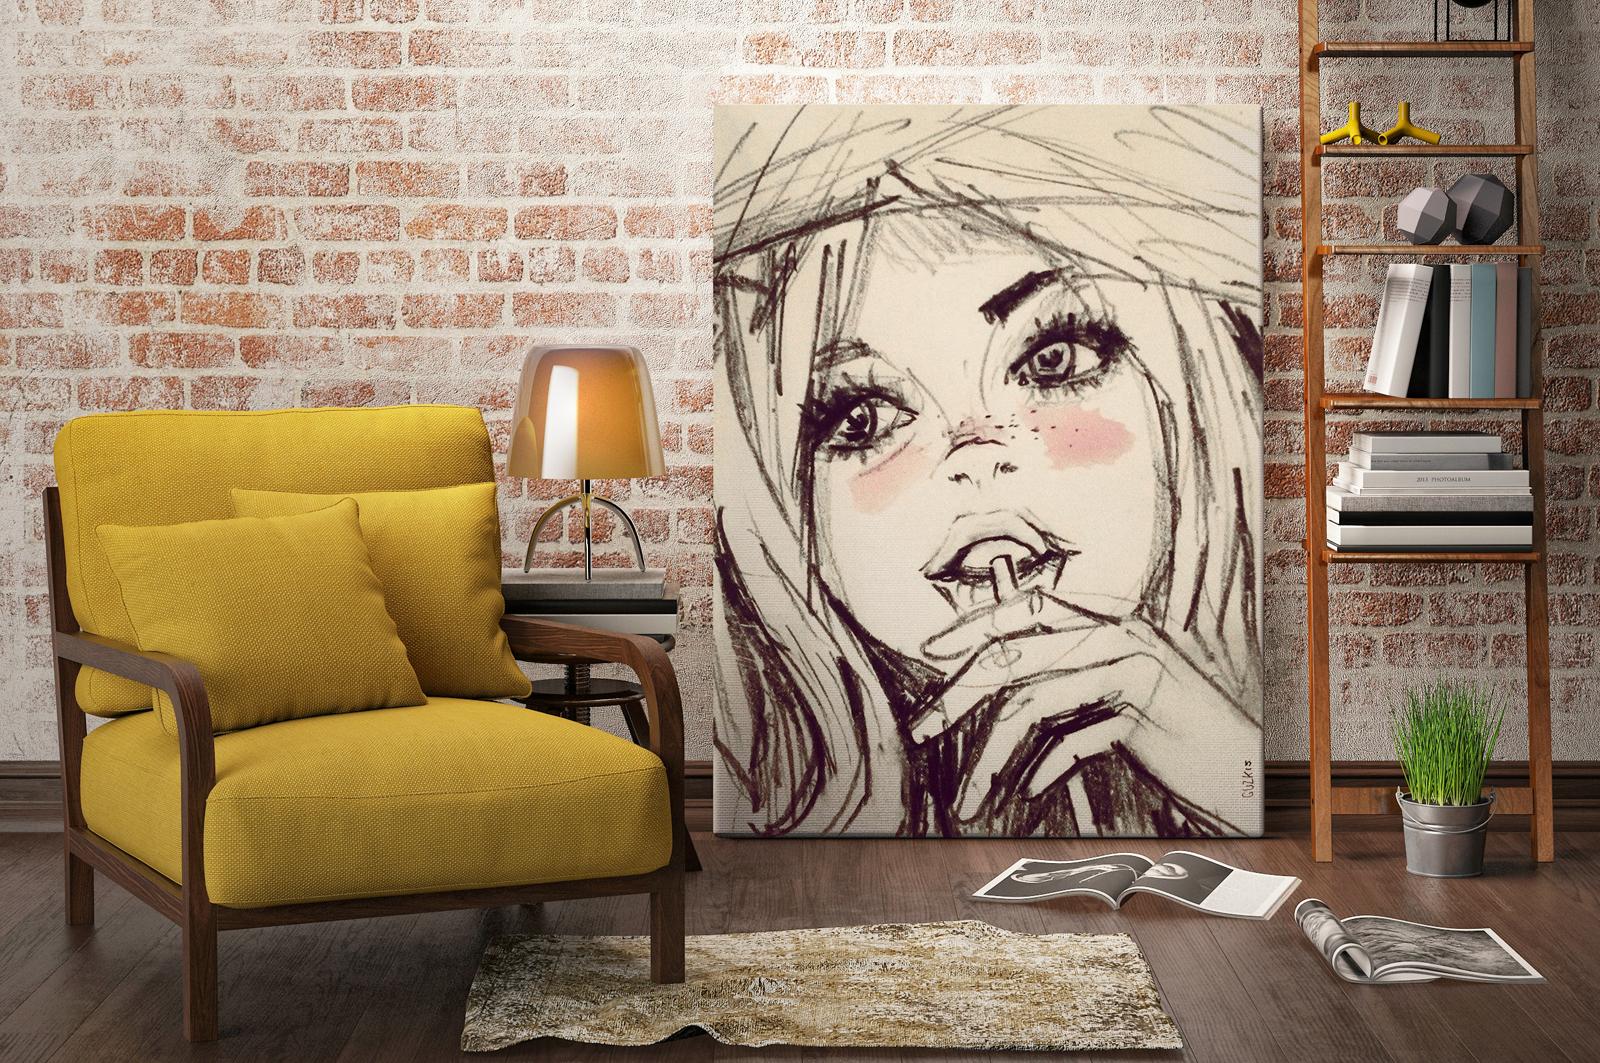 El arte es sobre todo&nbsp;<br />&nbsp;un estado del alma